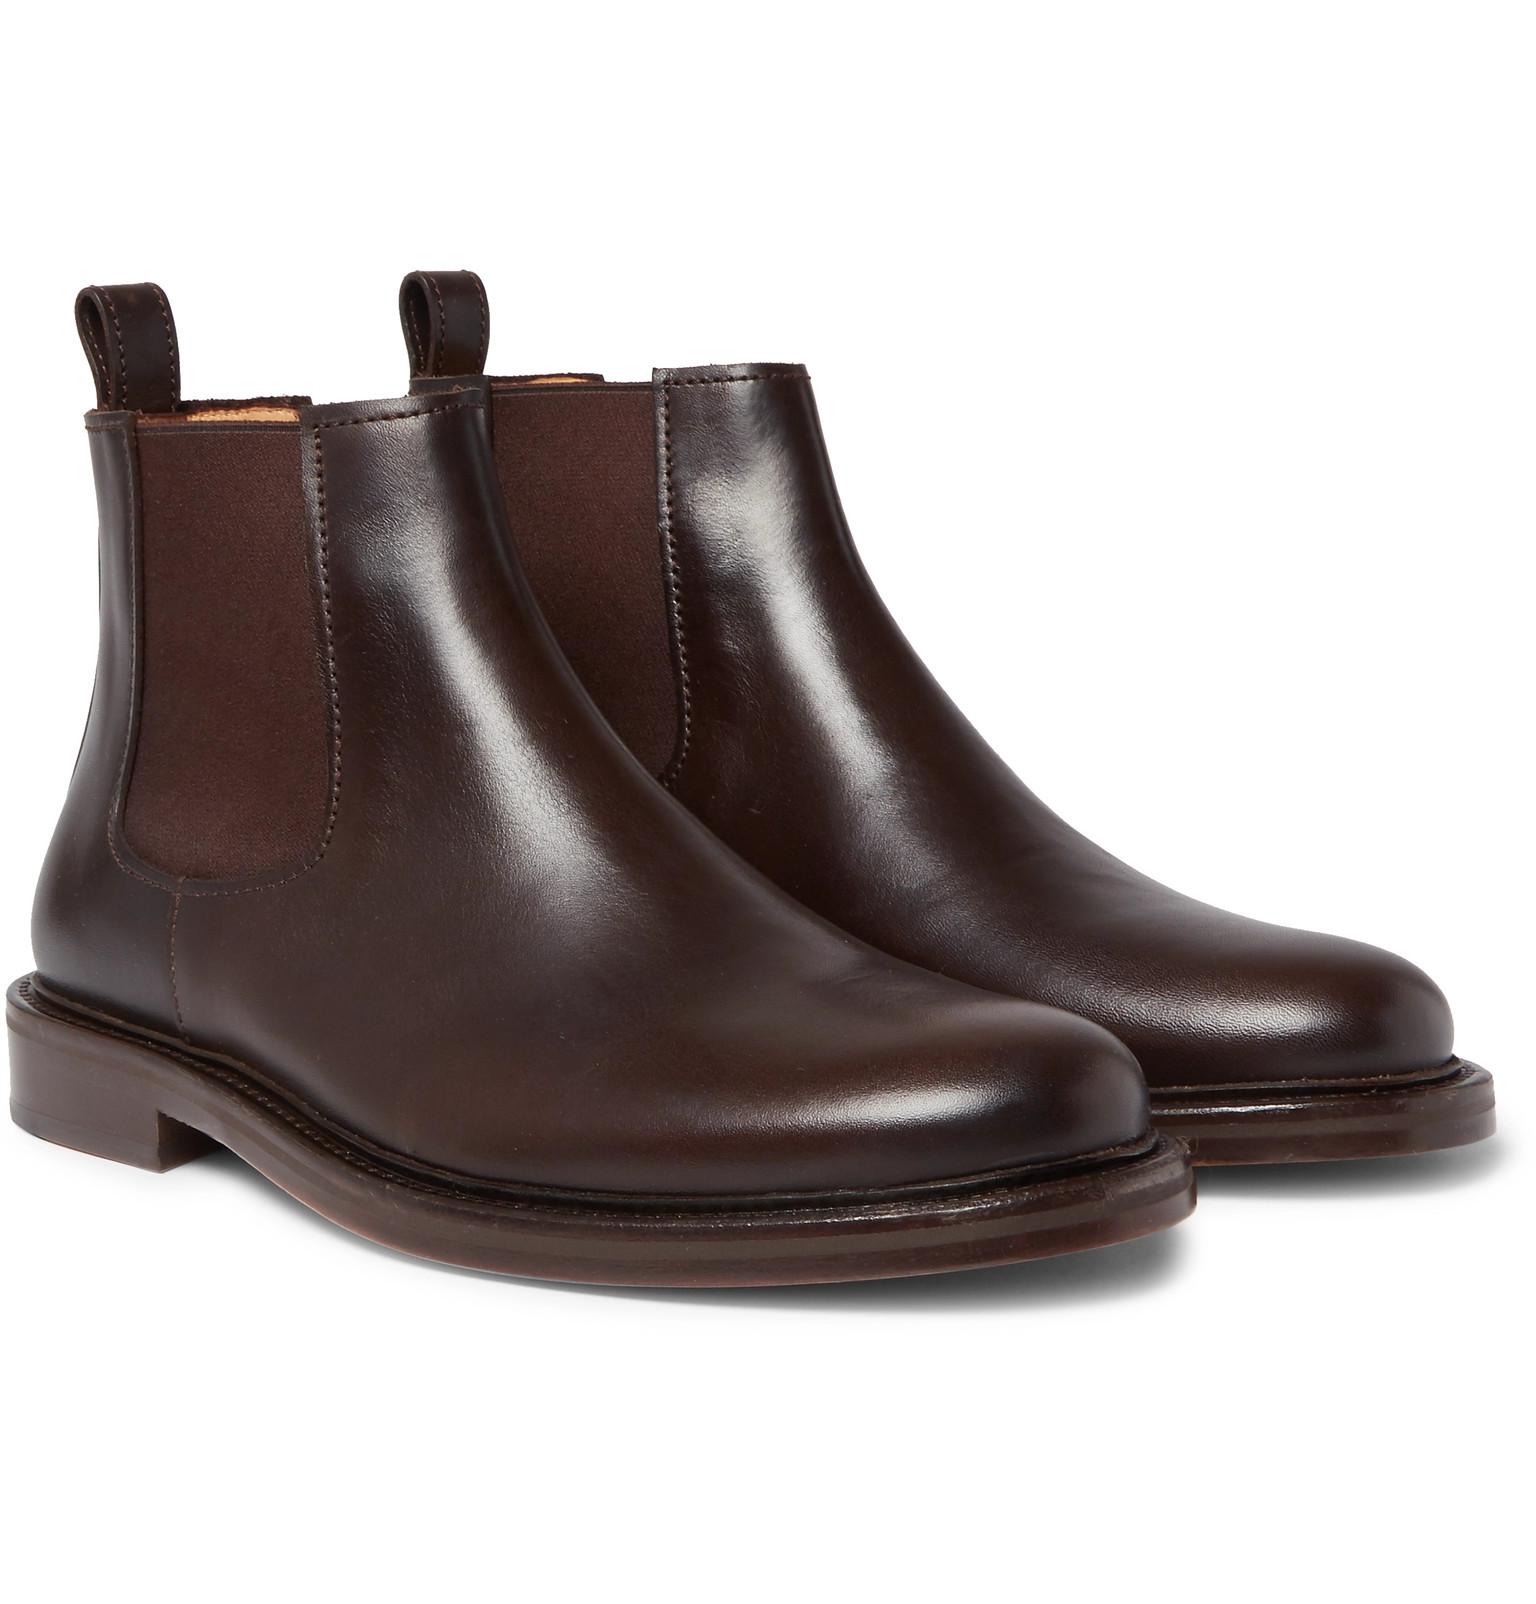 Men's Designer Chelsea boots - Shop Men's Fashion Online at MR PORTER